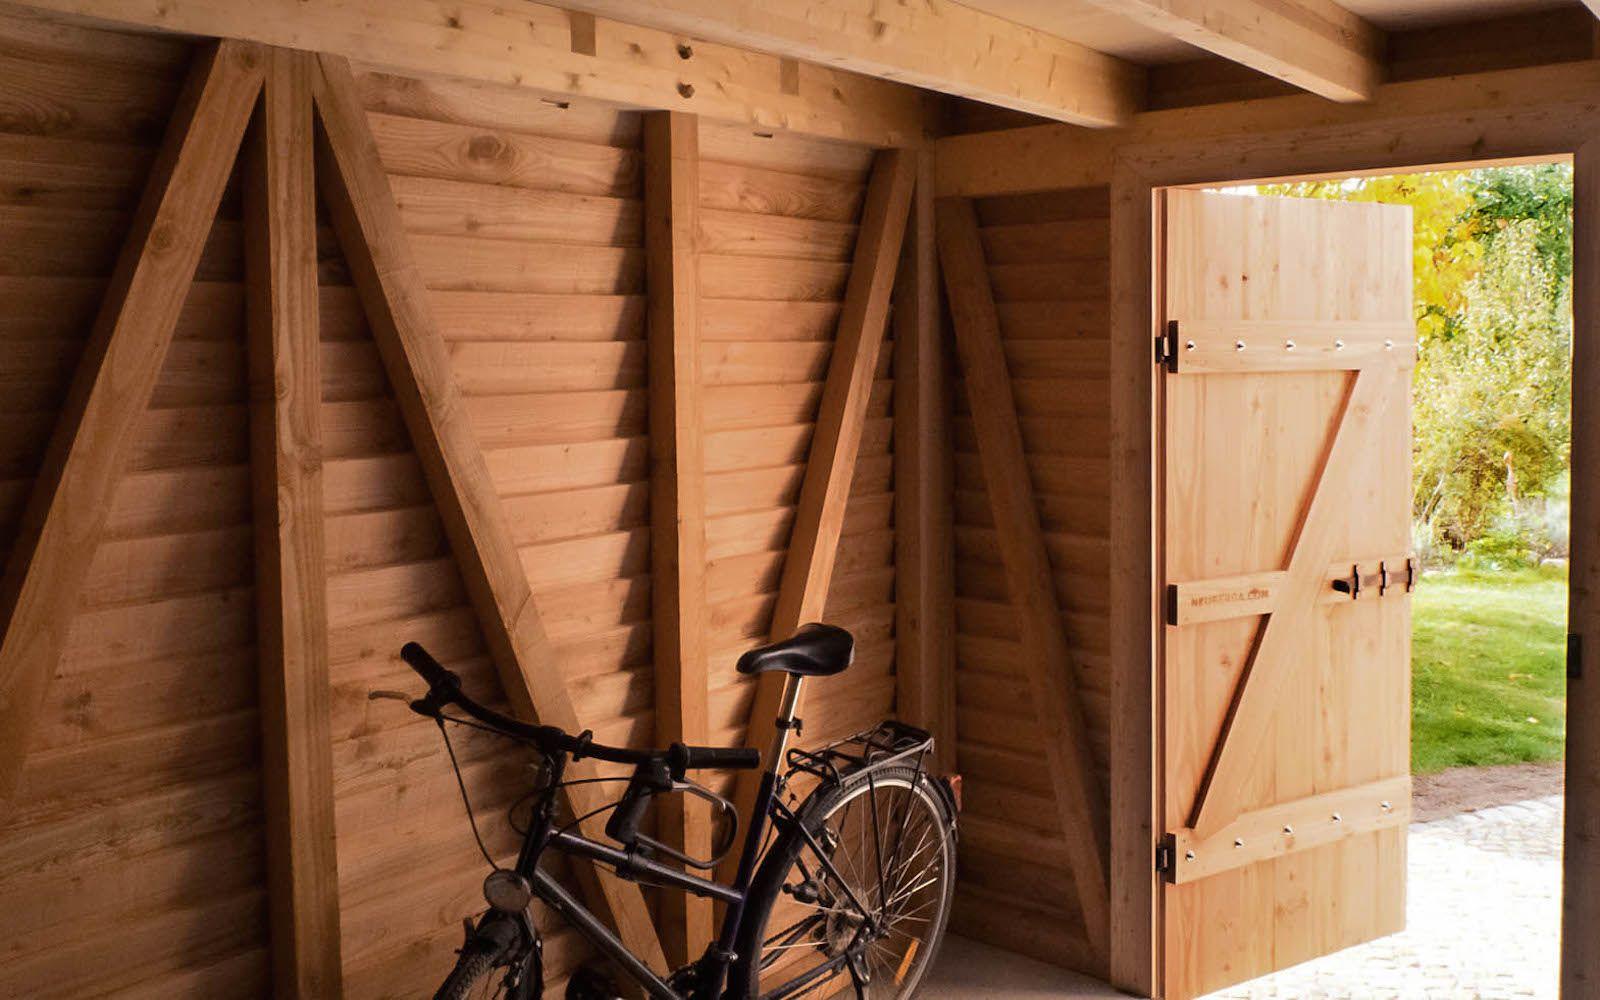 neuberga berlin l rche ger teschuppen unterstand carport pinterest ger teschuppen. Black Bedroom Furniture Sets. Home Design Ideas